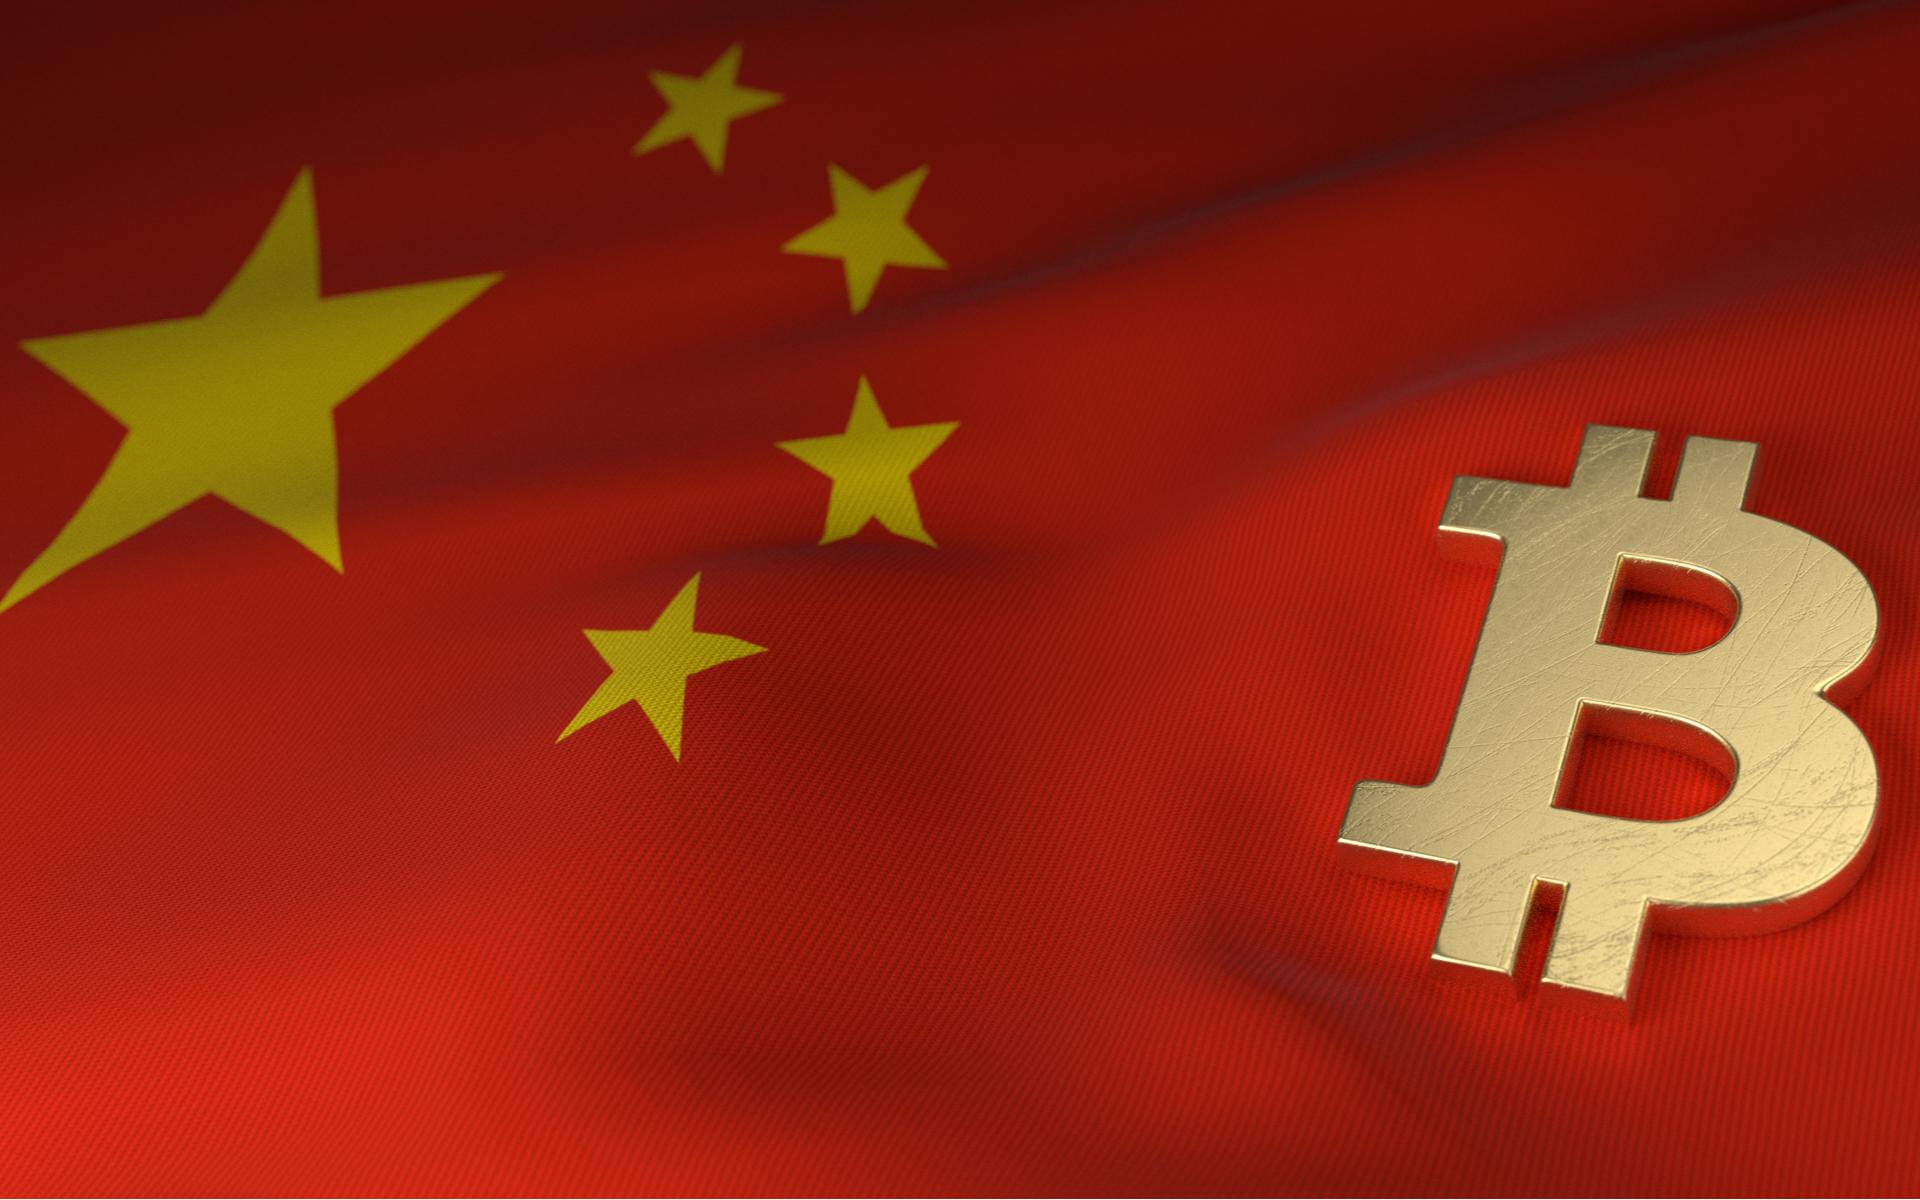 Chinese media loves bitcoin